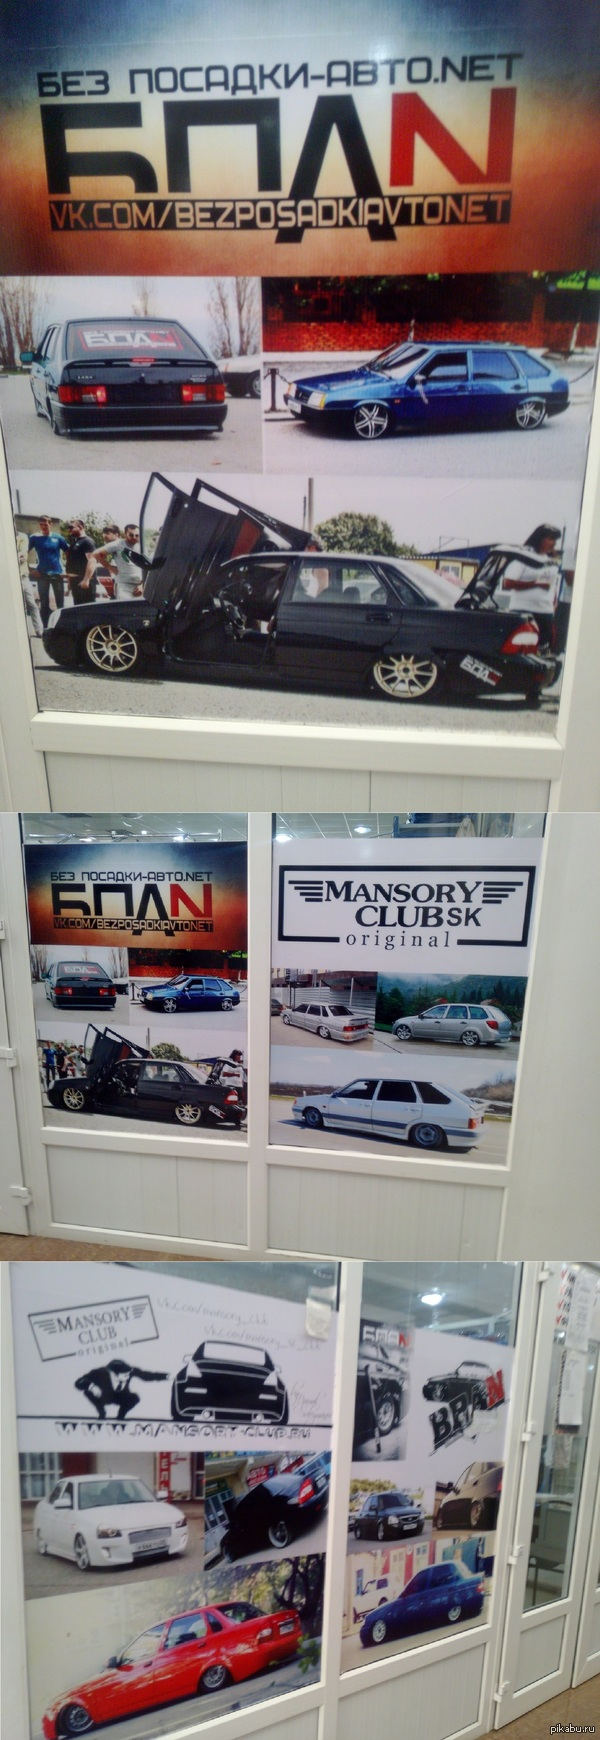 Без посадки авто нет В Астане любят креативную рекламу. Как ни странно в бутике продается школьная форма.